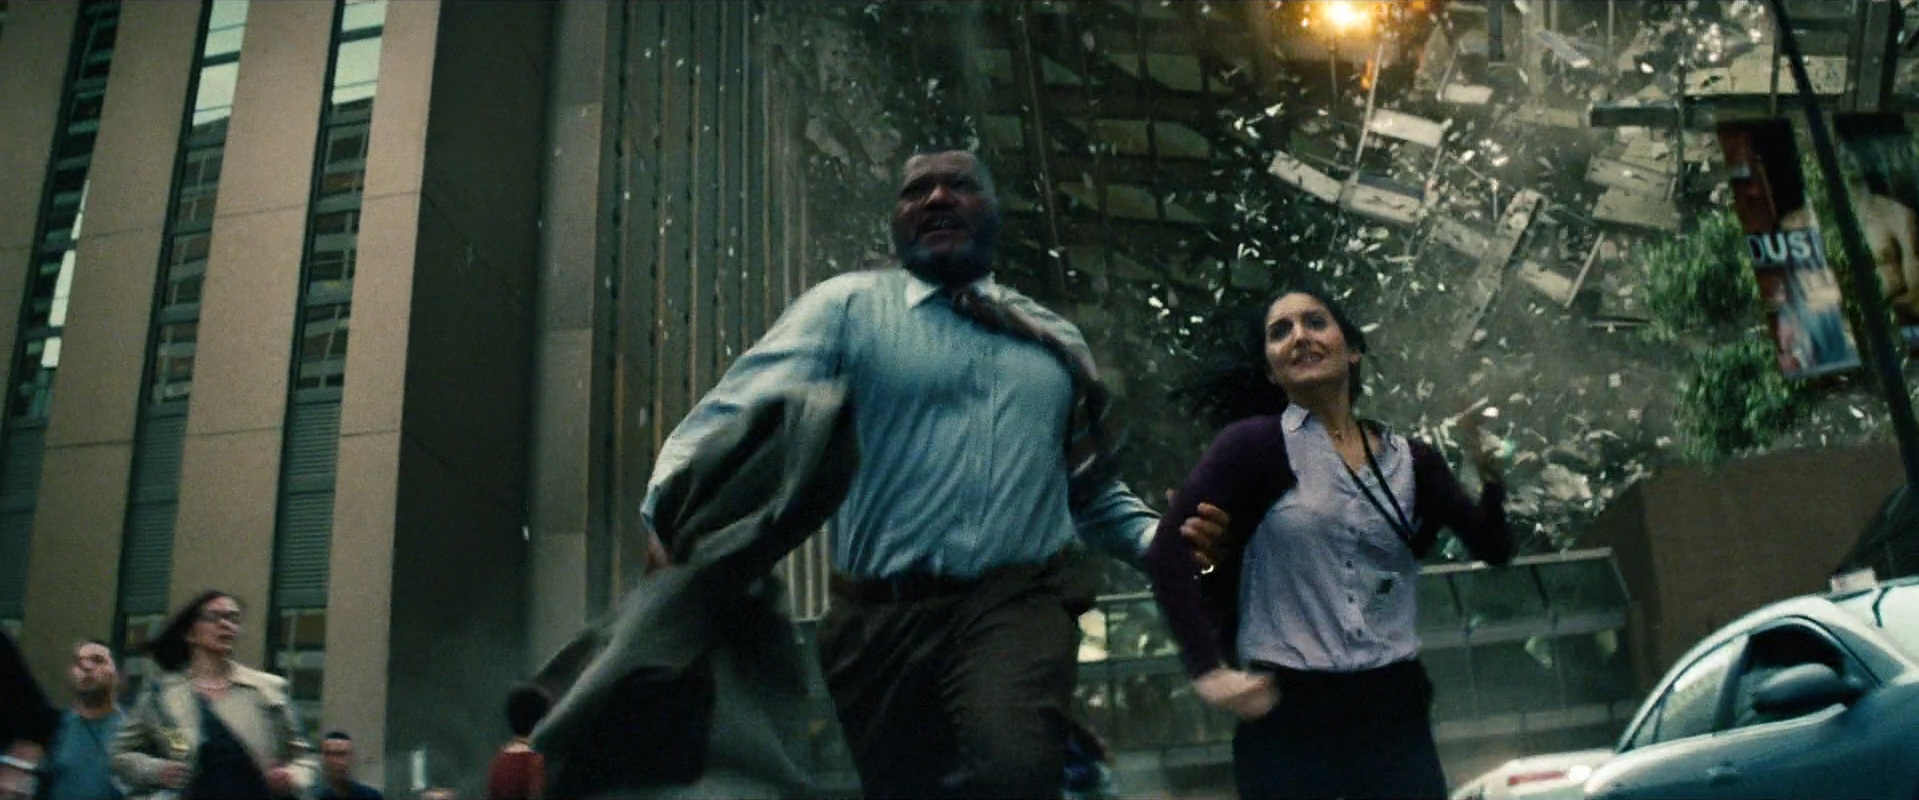 Man of Steel  (2013): catastrophic destruction in Metropolis